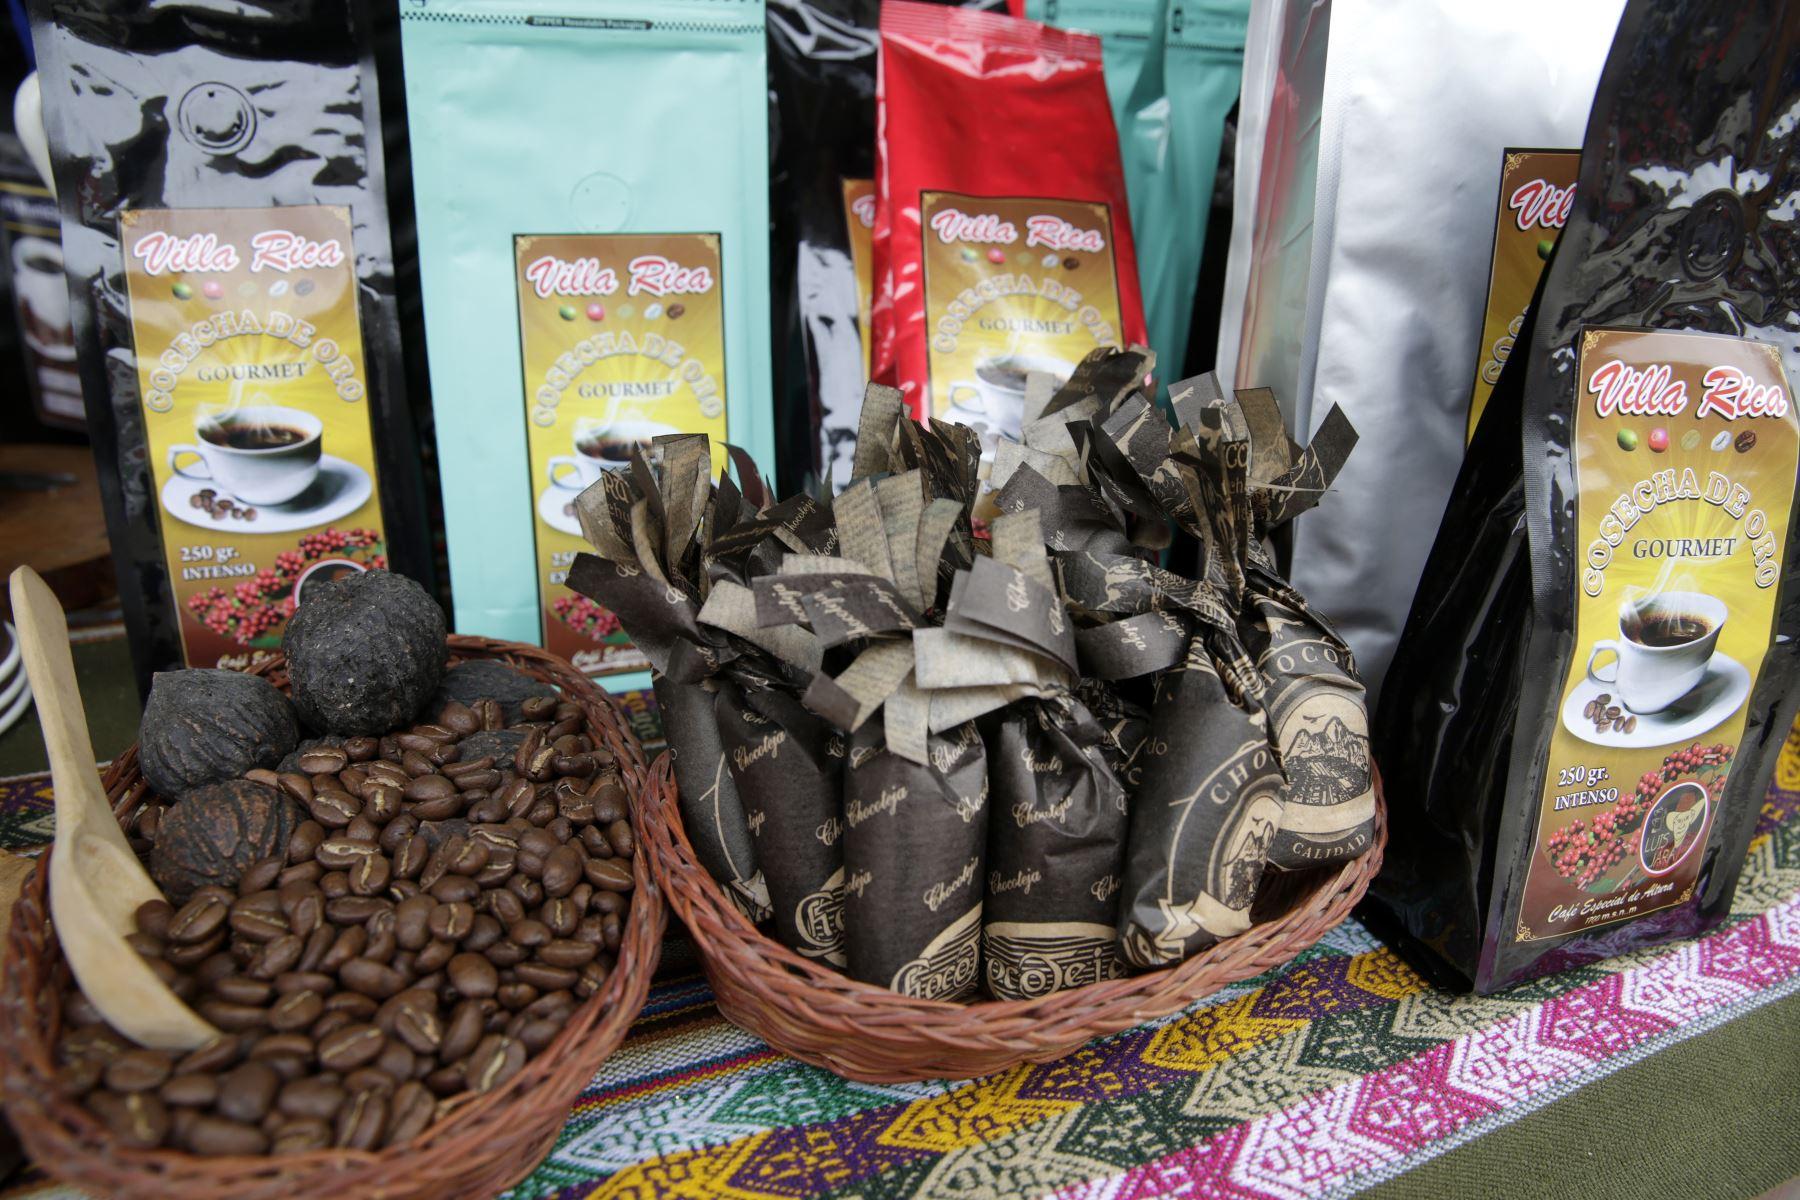 Los amantes del café podrán disfrutar y adquirir el más fino grano del Perú, directo de los productores de Villa Rica y Oxapampa. Foto: ANDINA/Melina Mejía